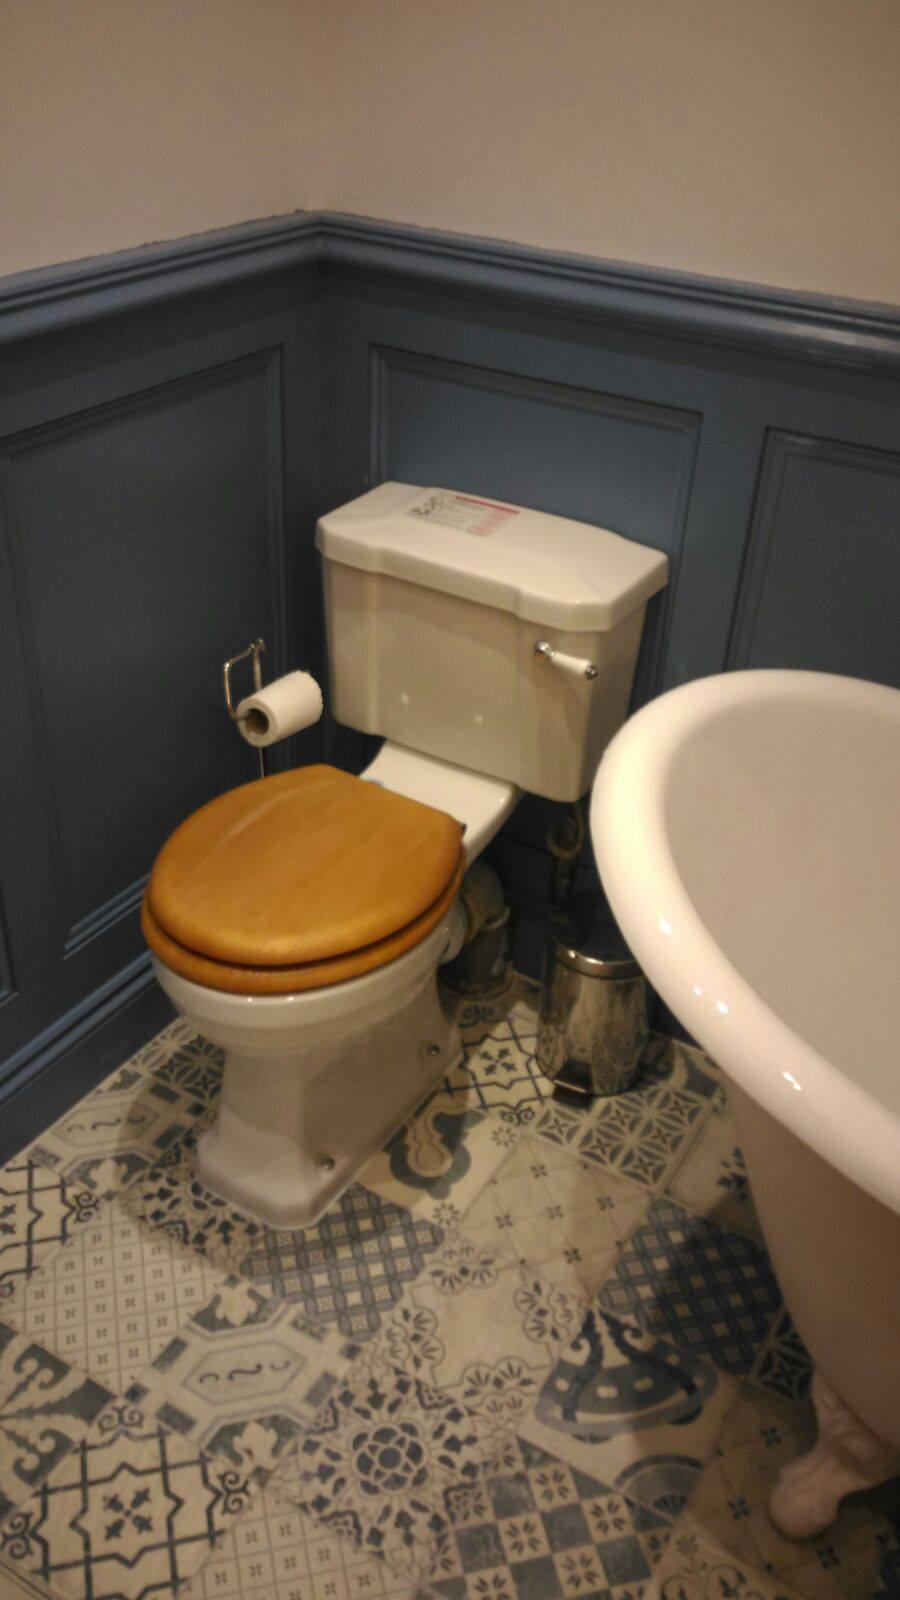 Classic sanitary ware